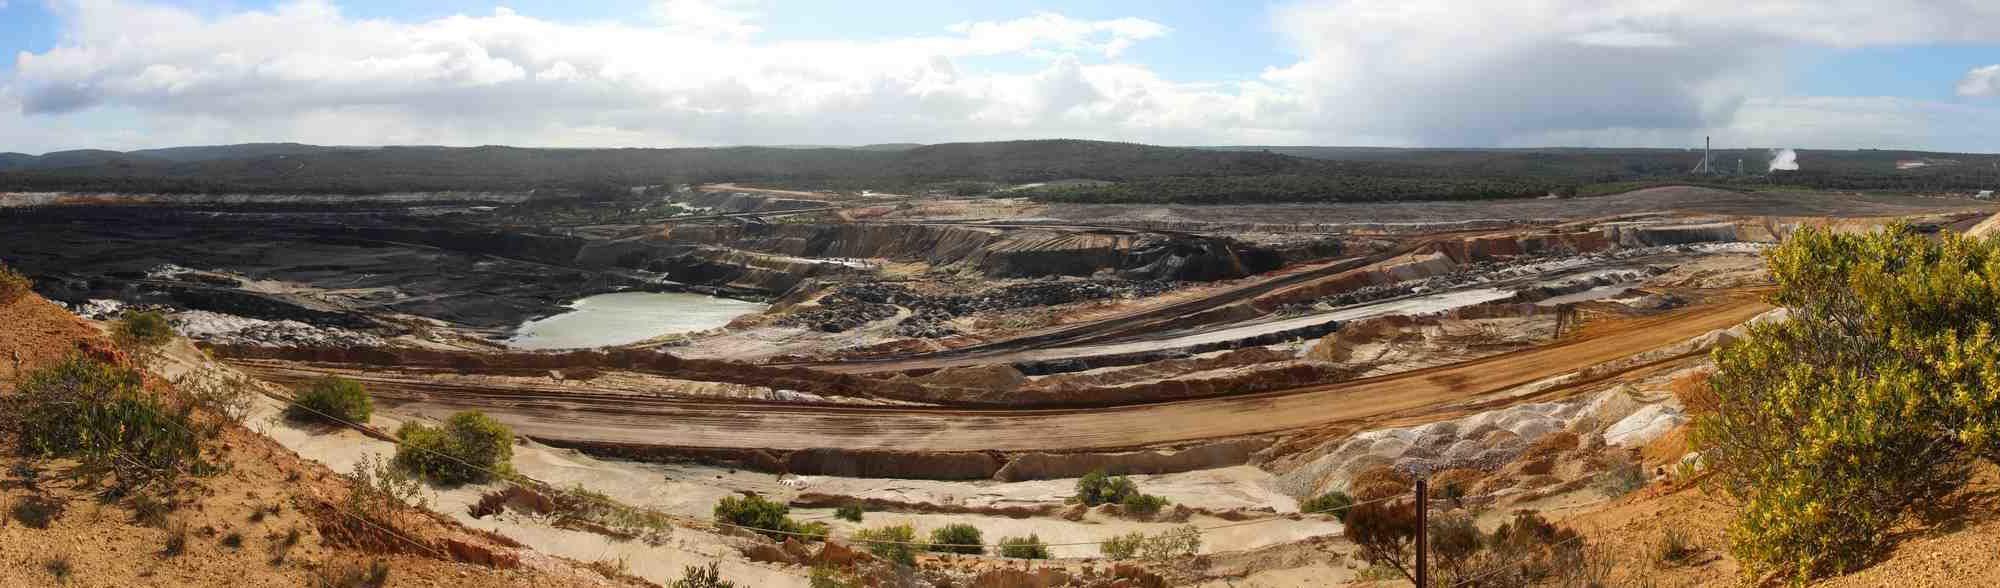 Open coalmine